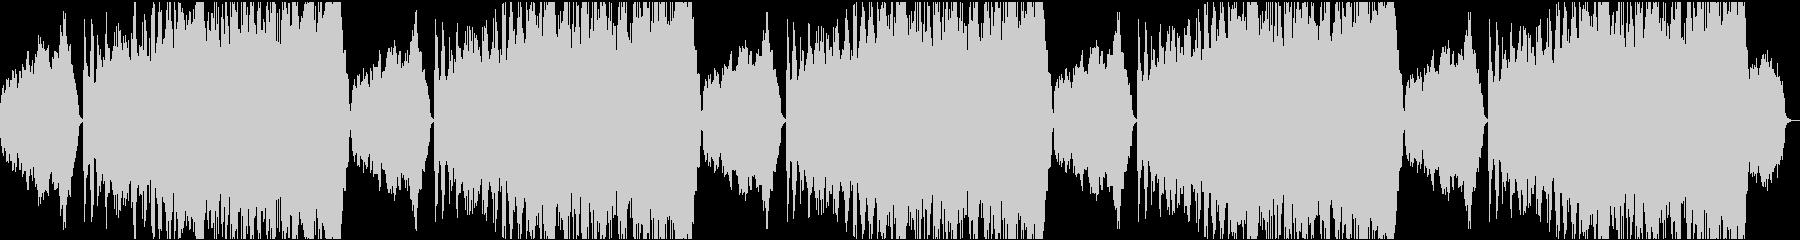 企業VP1 格調・14分バージョンの未再生の波形